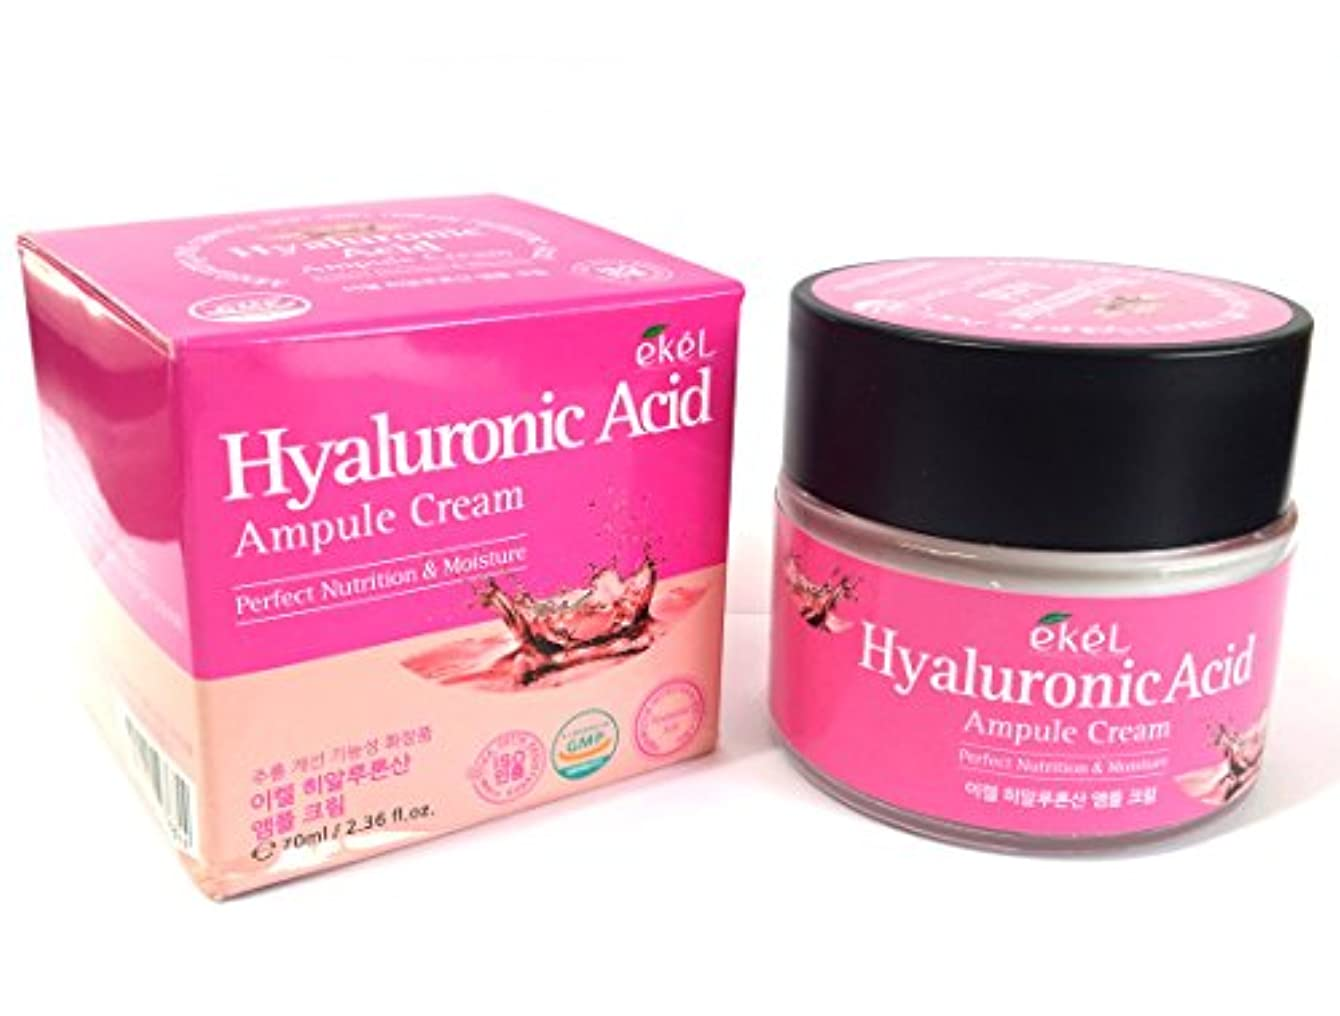 直立み横[EKEL] ヒアルロン酸アンプルクリーム70ml / 完璧な栄養と水分 / 韓国化粧品/ Hyaluronic Acid Ampule Cream 70ml / Perfect Nutrition & Moisture...